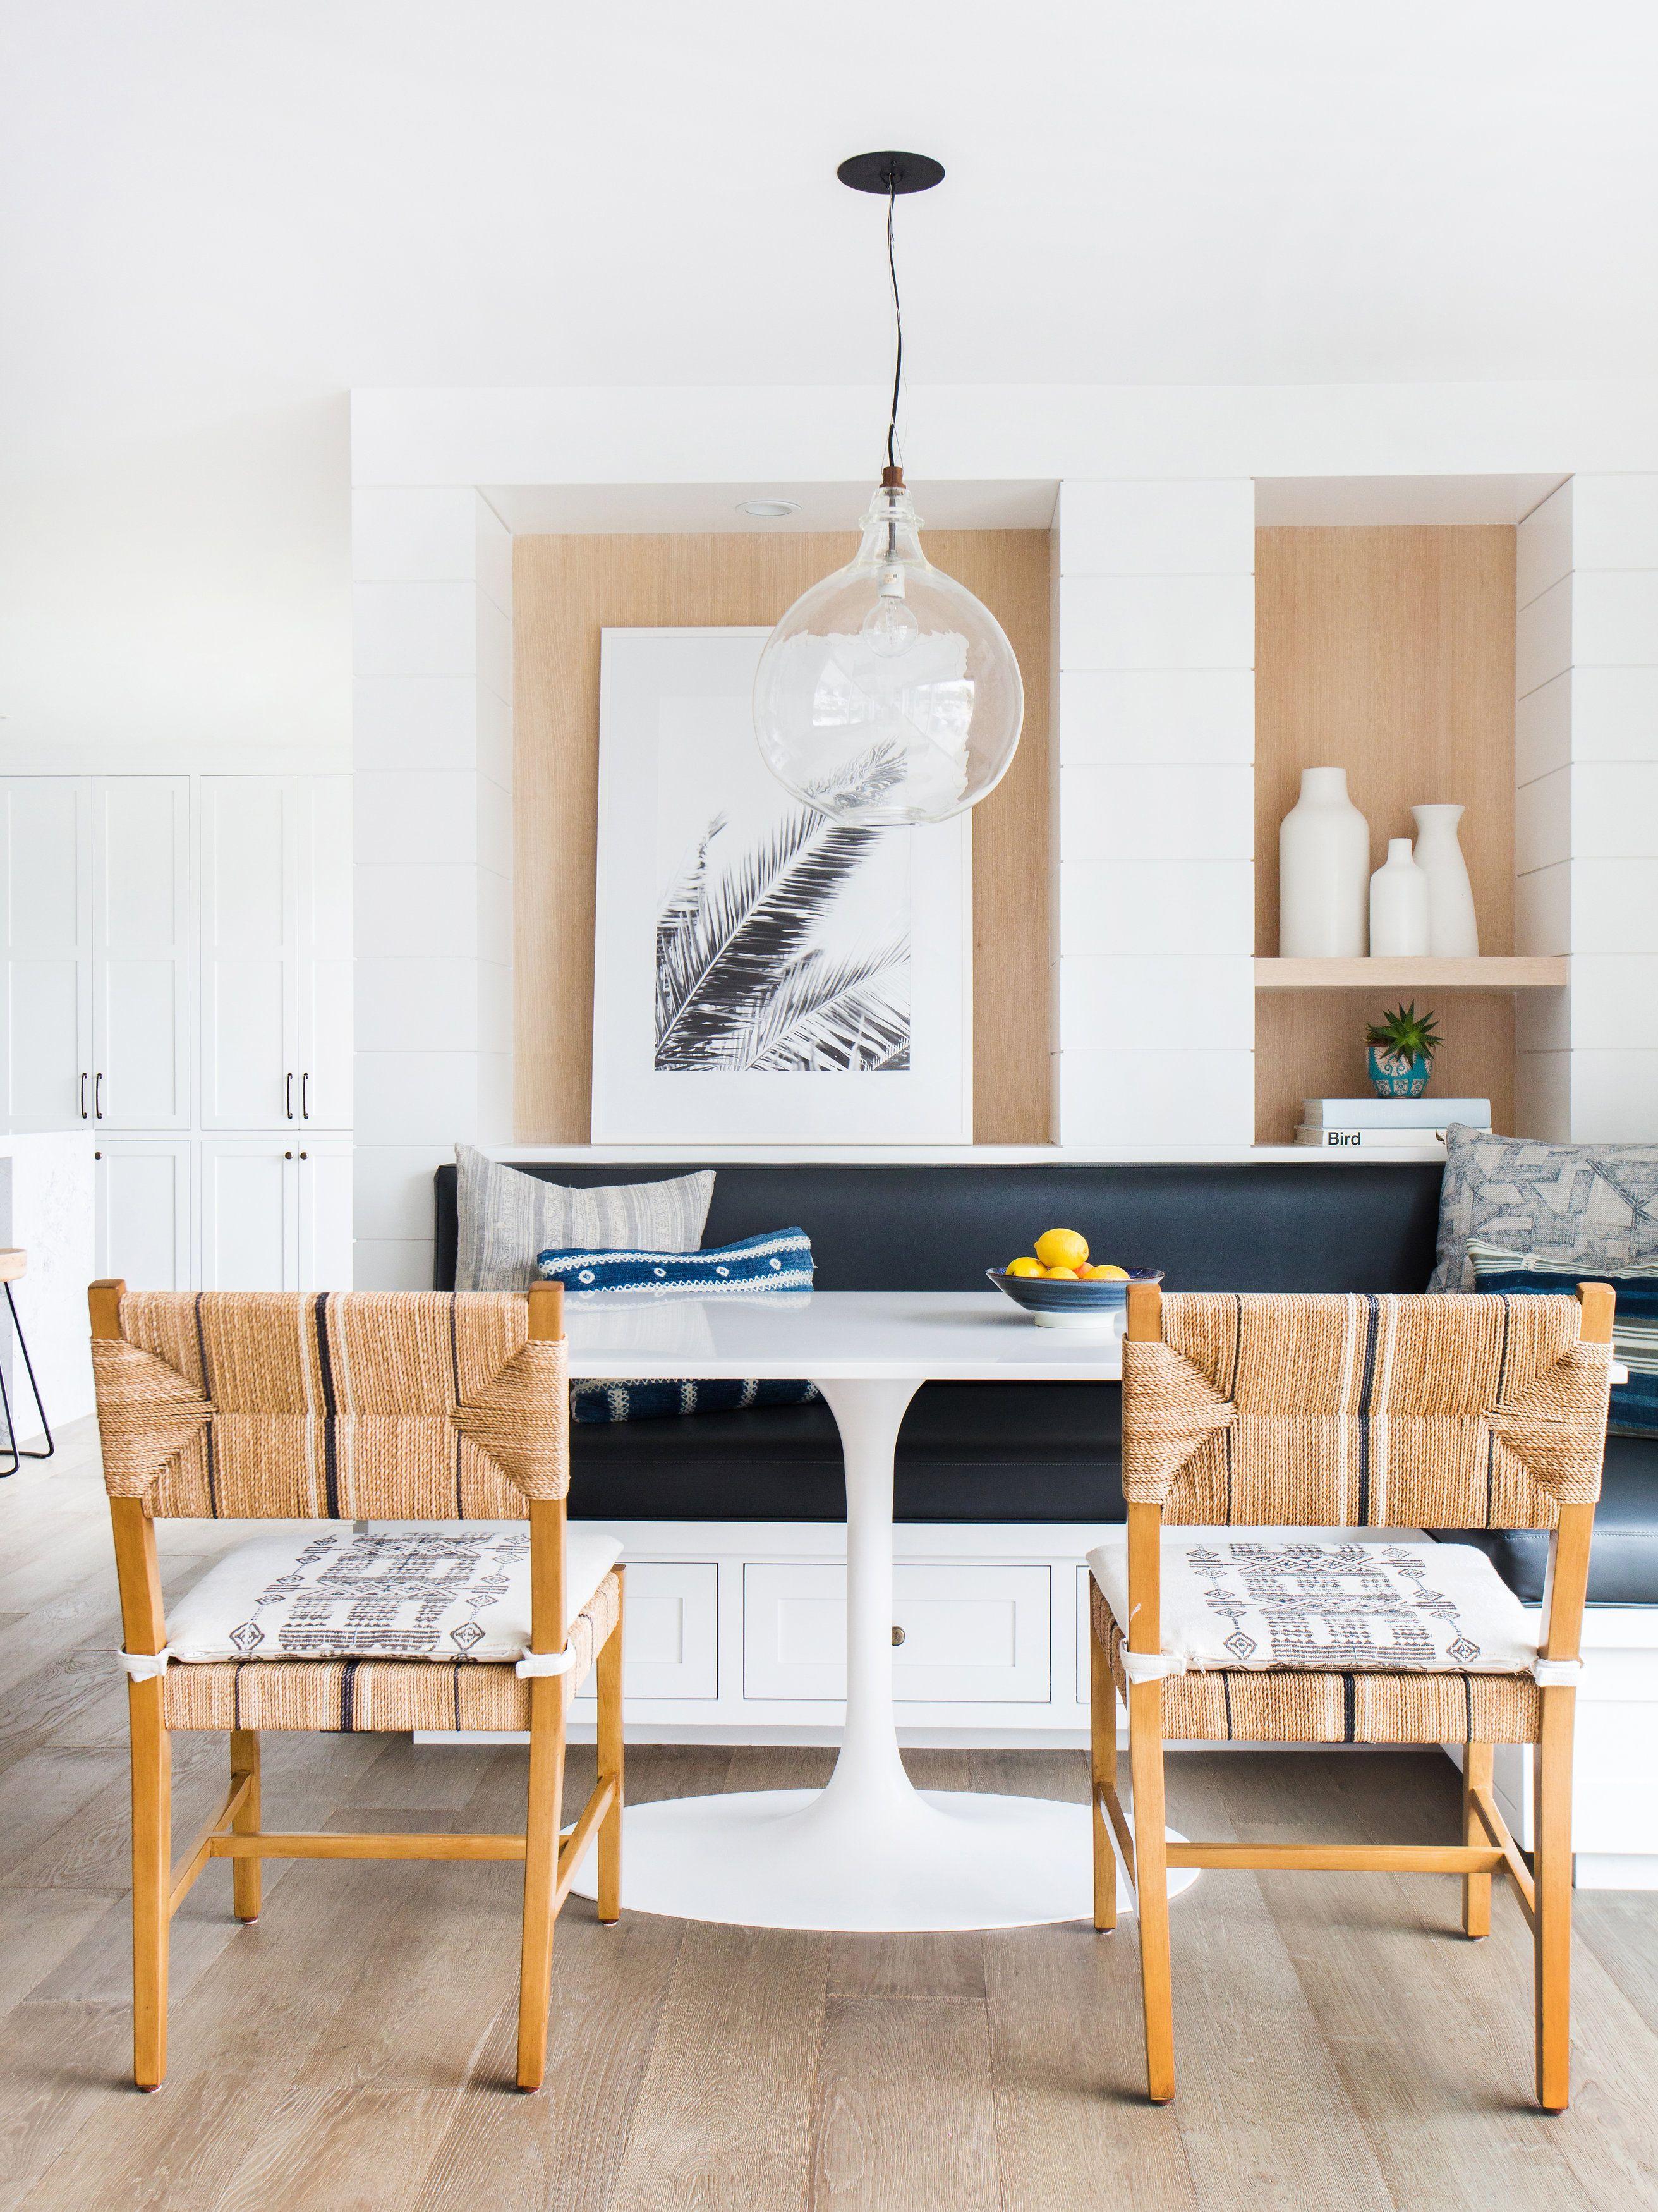 18 Best Coastal Decor Ideas For 2018 Fun Beach House Decor Ideas